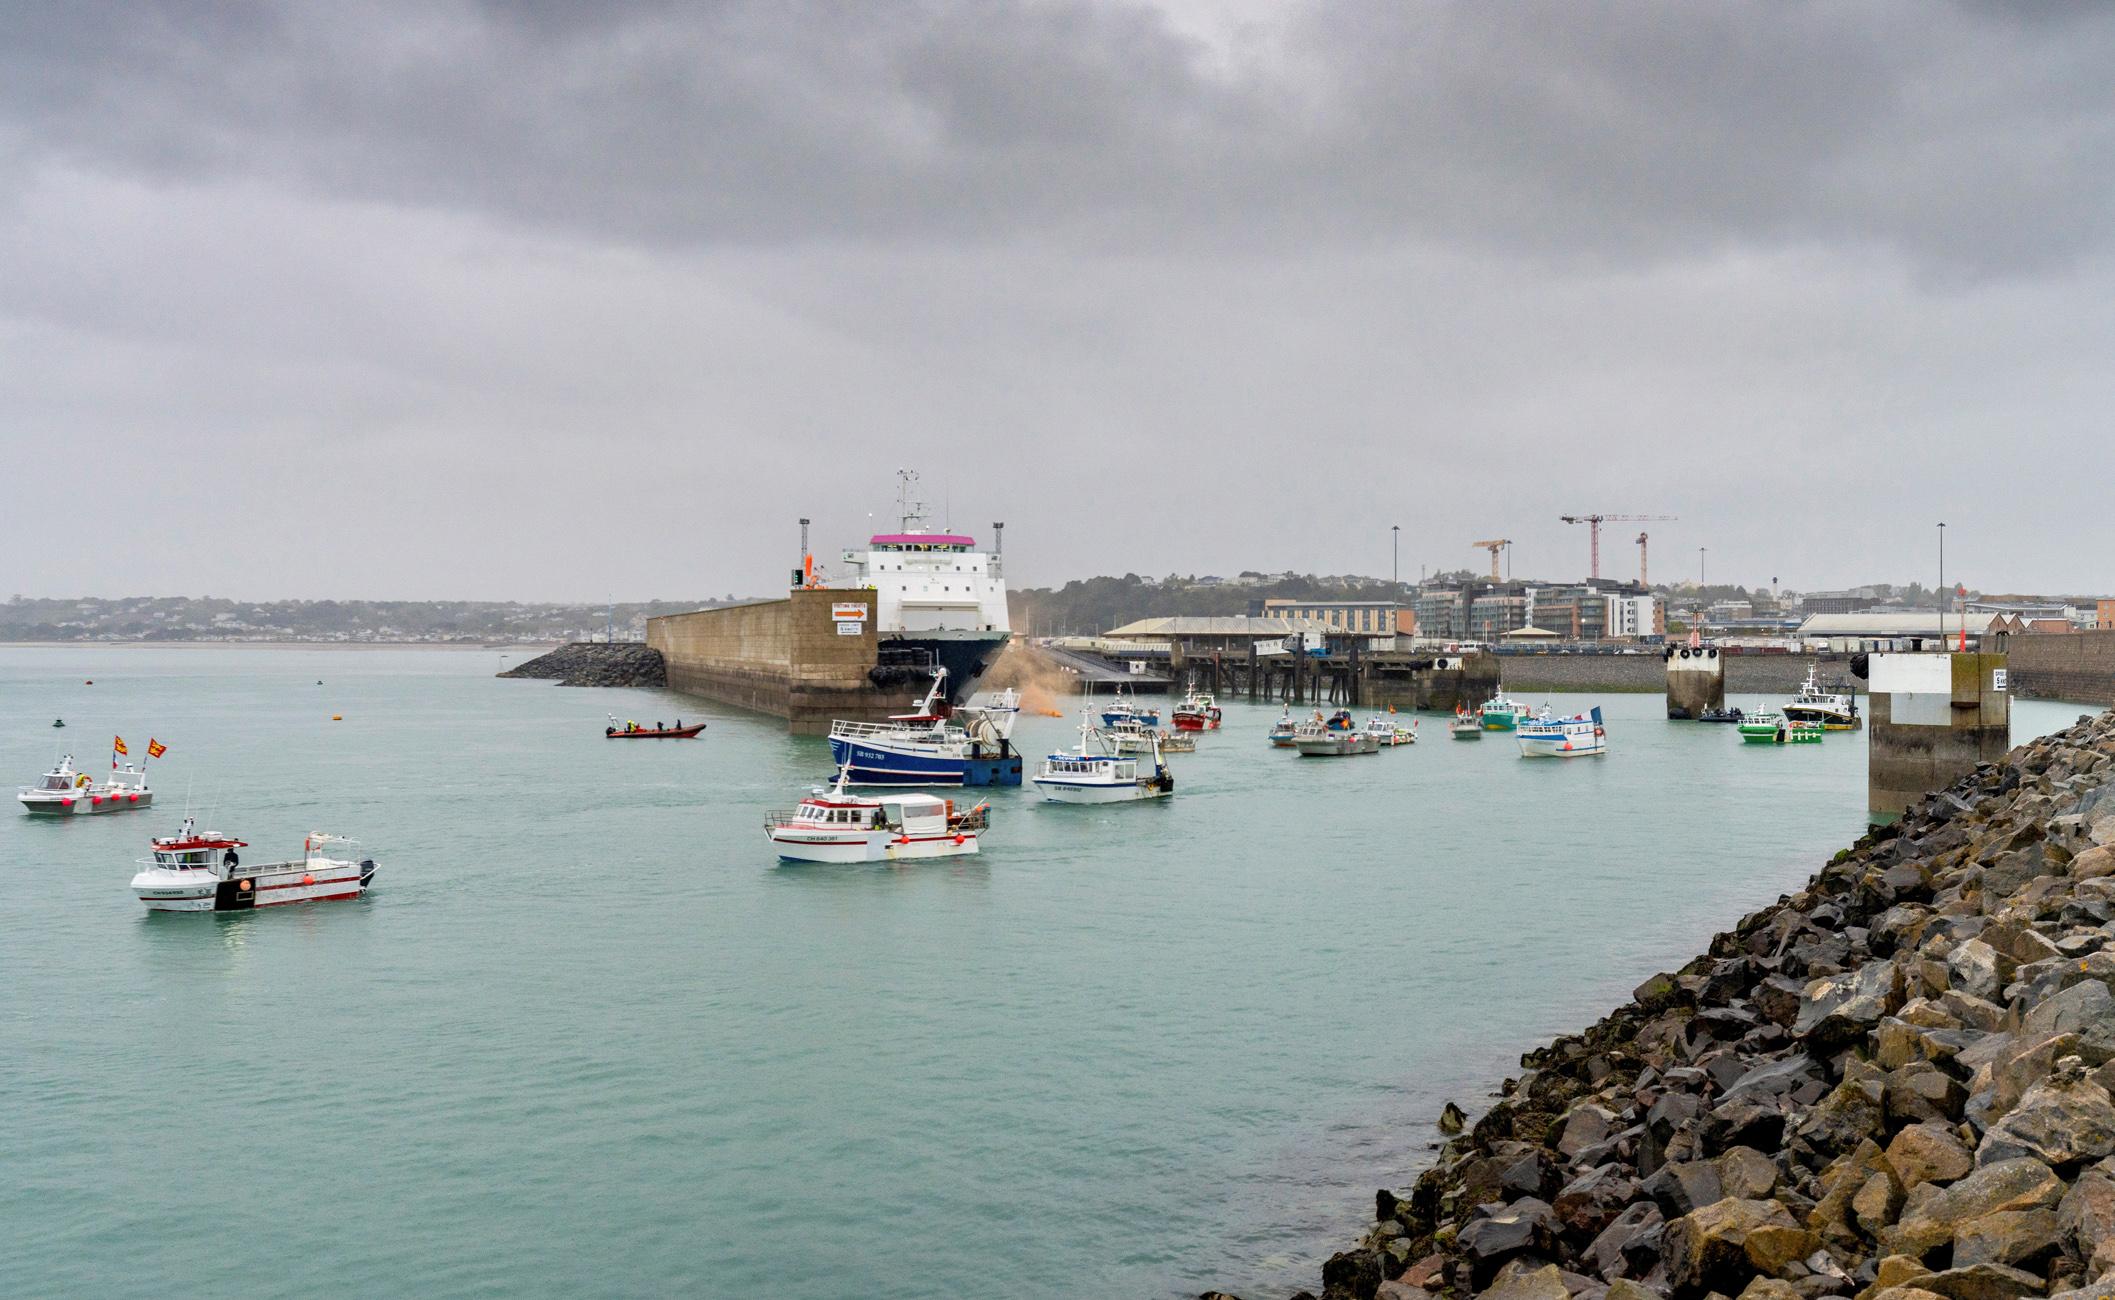 Νέα κόντρα Βρετανίας – Γαλλίας για την αλιεία: Αποχώρησαν γαλλικά αλιευτικά από το Τζέρσεϊ